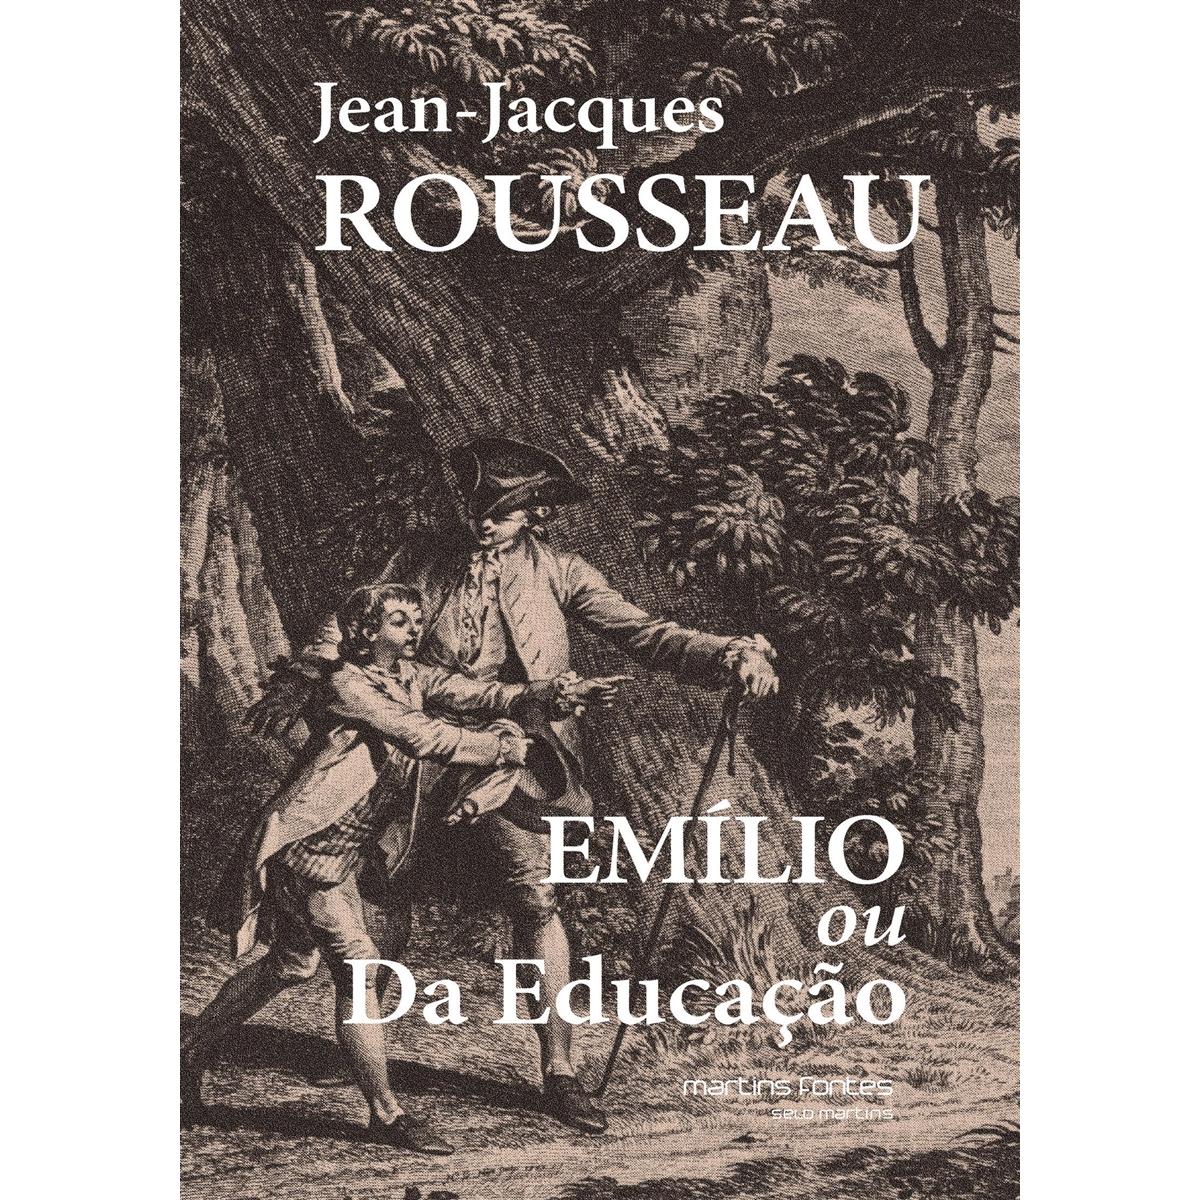 Jardin Encyclopédie Génial S£o as Vozes Que Mandam Jean Jacques Rousseau O Embuste